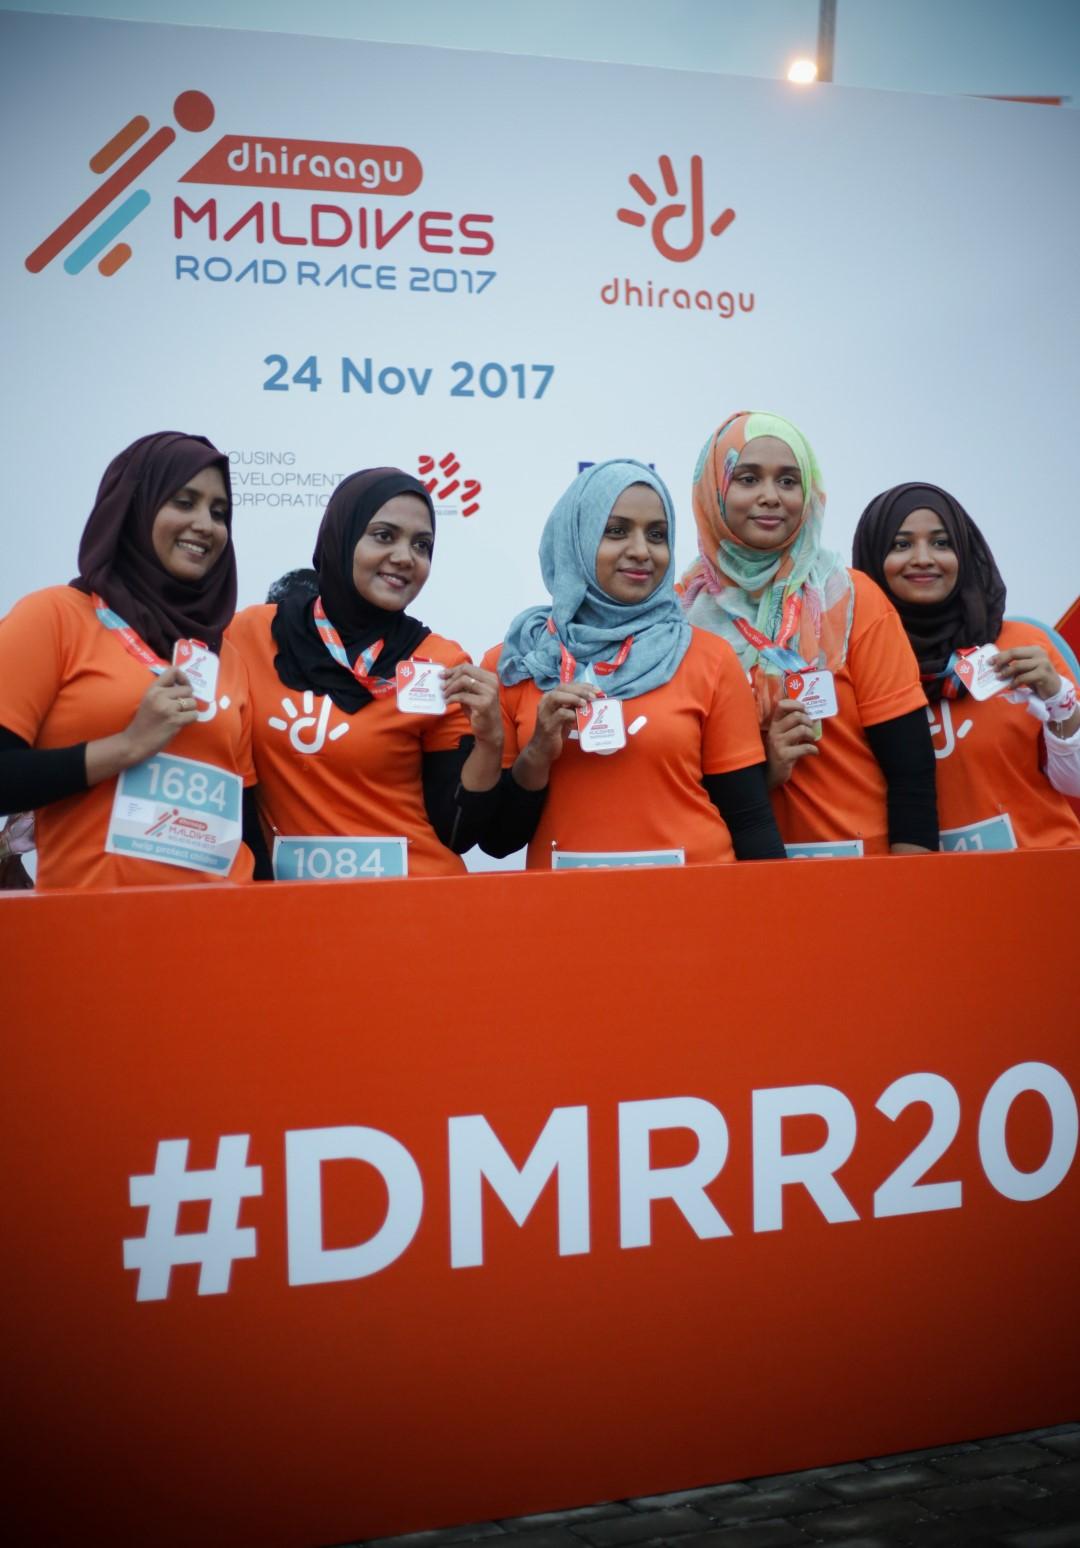 DMMRR2017 (60)